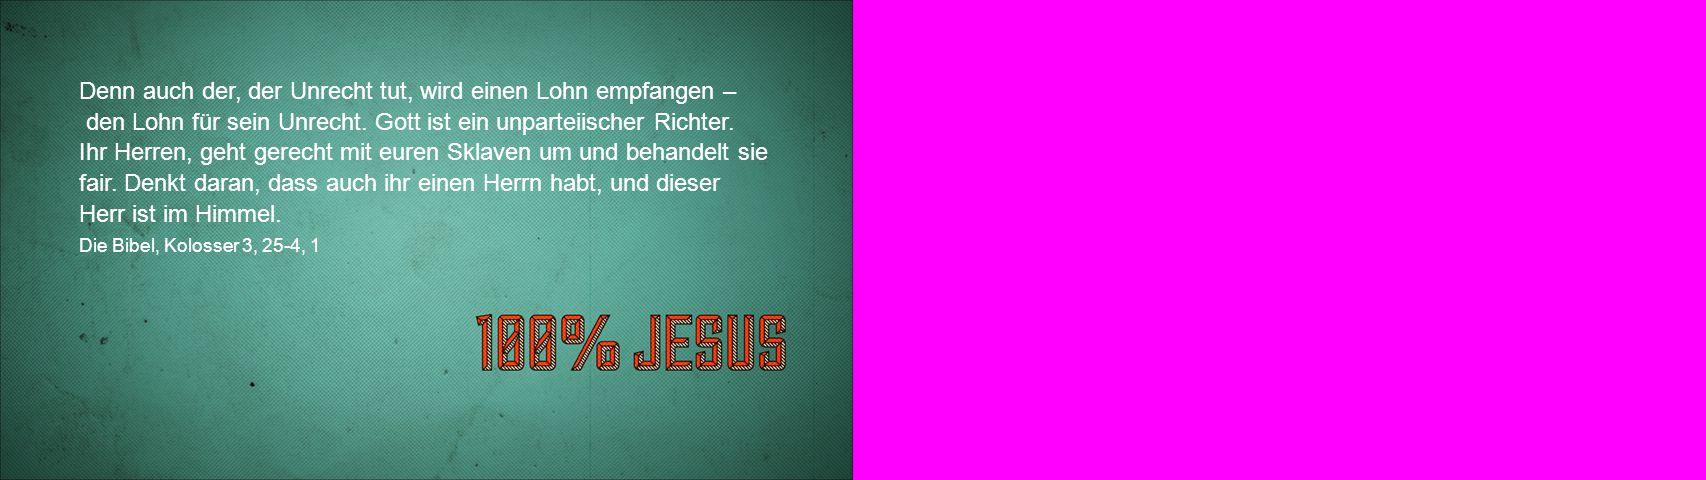 Denn auch der, der Unrecht tut, wird einen Lohn empfangen – den Lohn für sein Unrecht. Gott ist ein unparteiischer Richter.